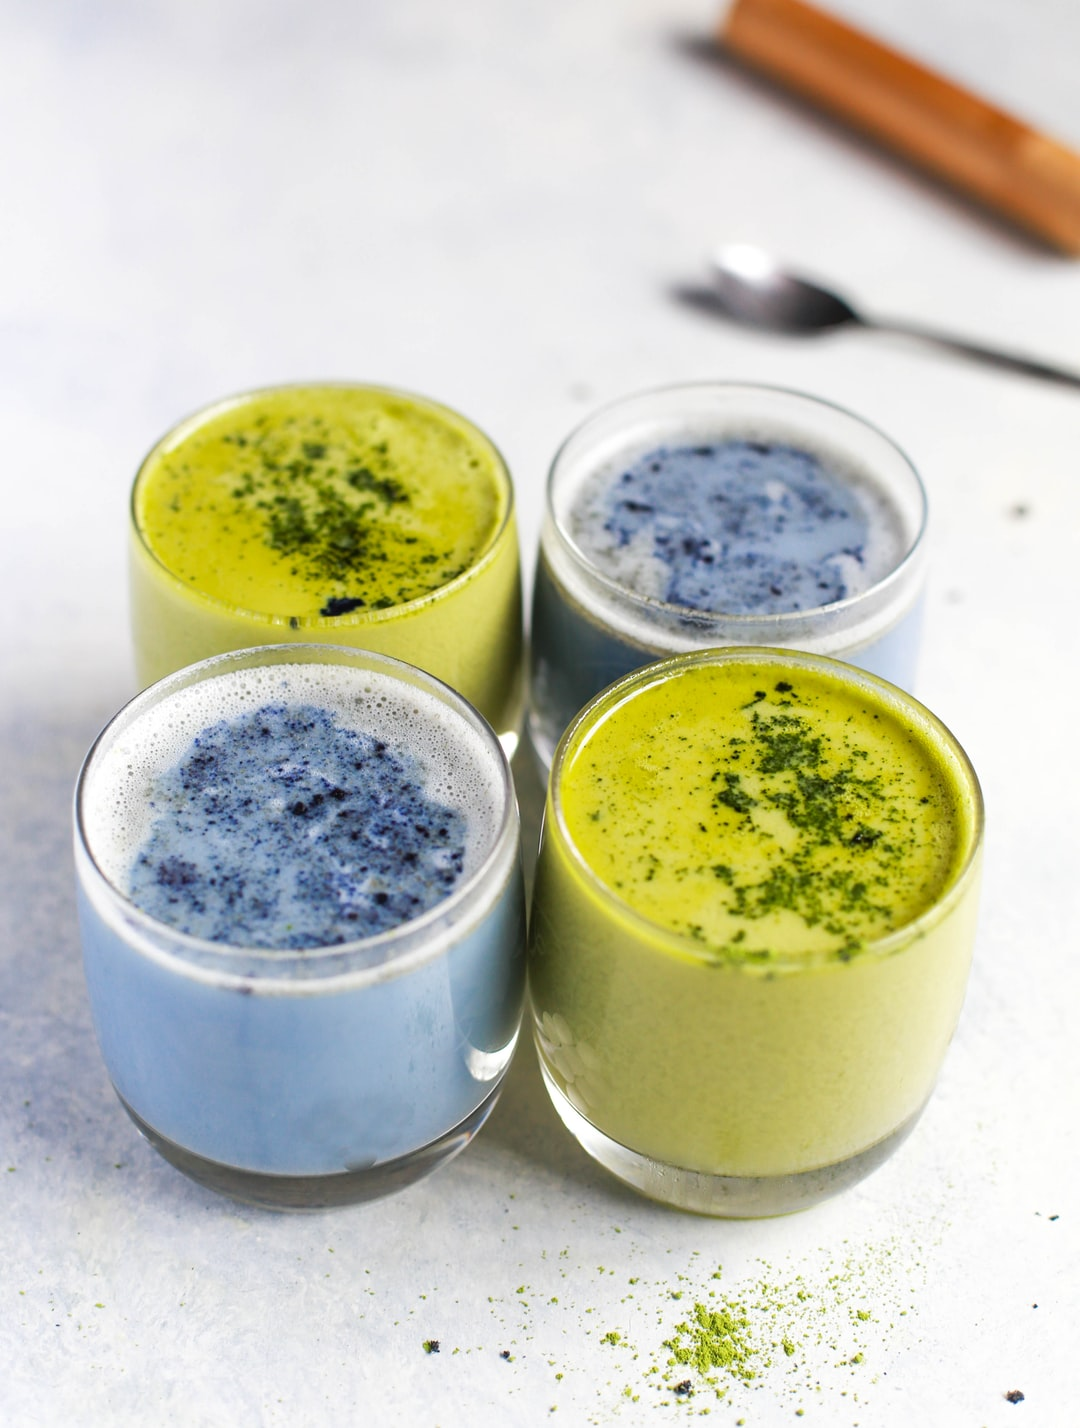 Blue & Green Matcha Lattes